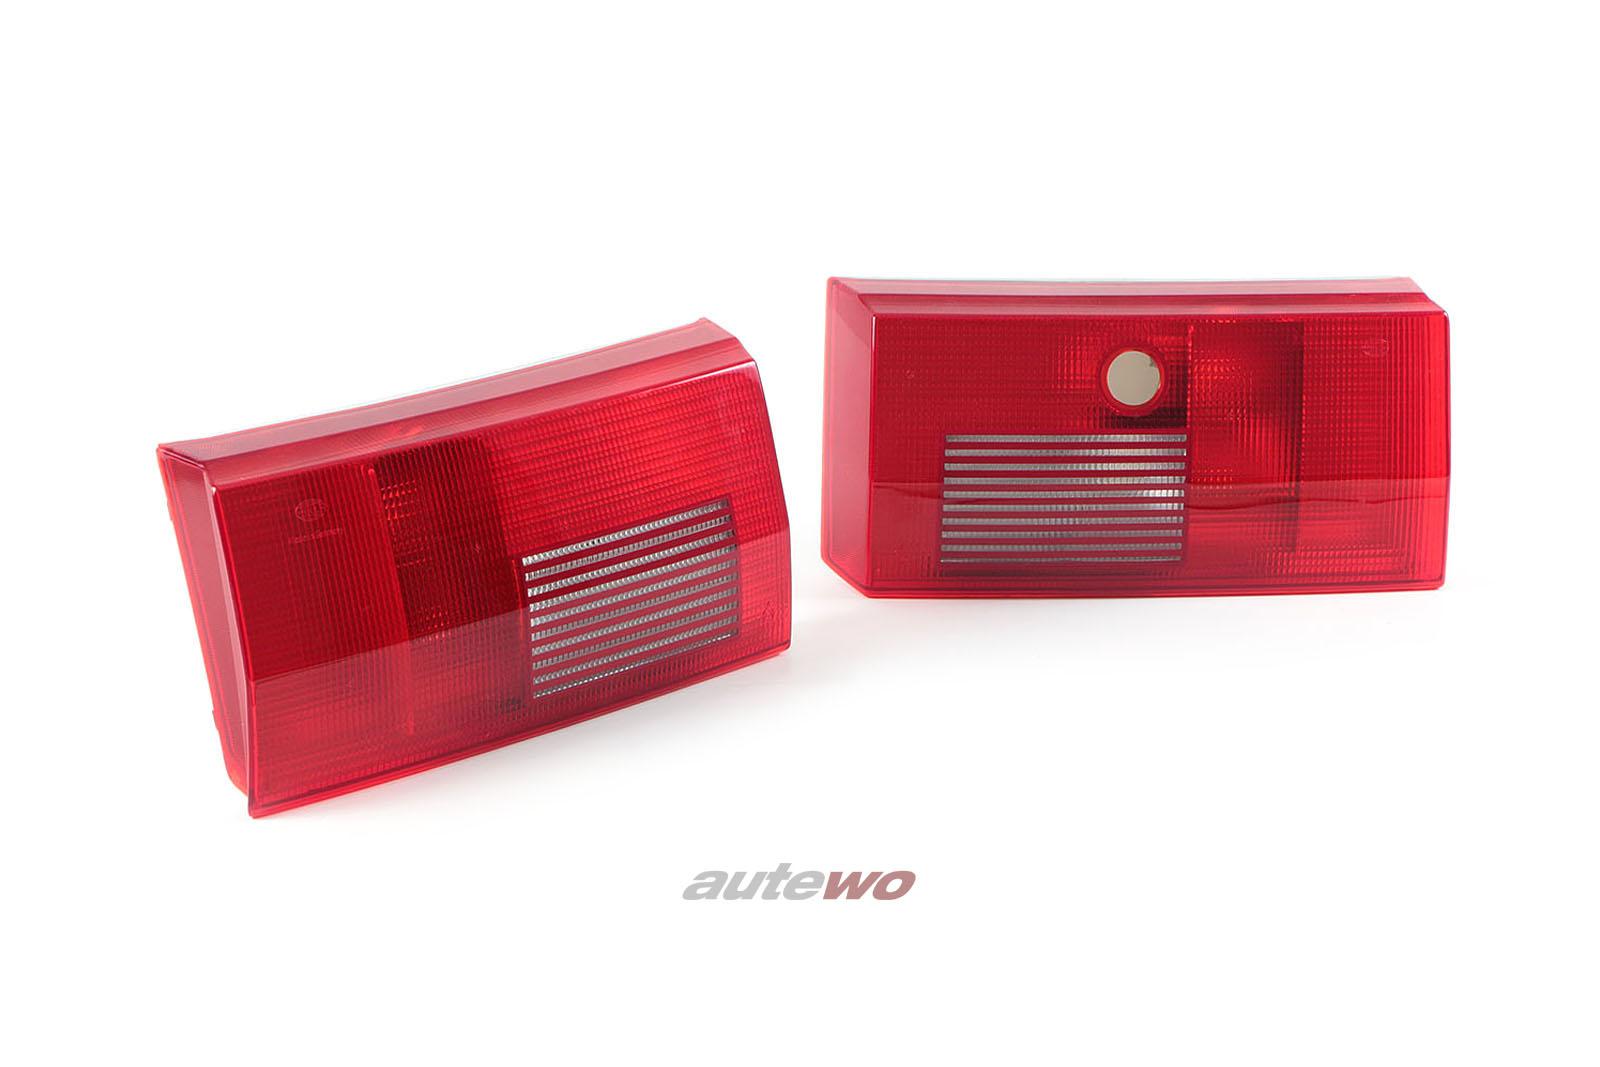 NEU&ORIGINAL Audi 80/90 Typ 89 Rücklicht Paar US-Version 893945225C & 893945226C